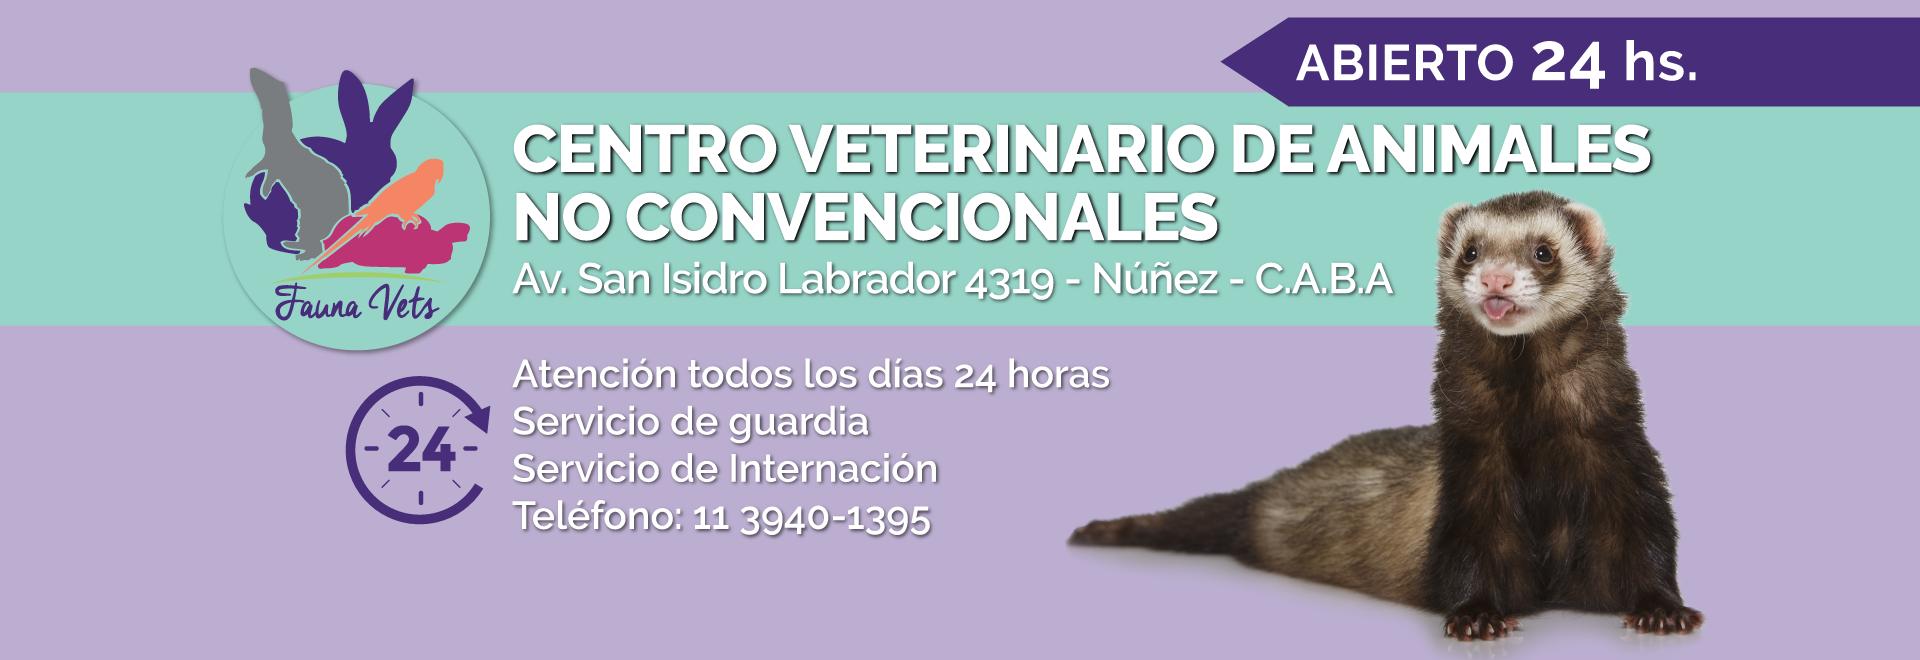 Fauna Vets - Veterinarios - hurones - erizos - camila lascano - fernando pedrosa - nicolas cohen